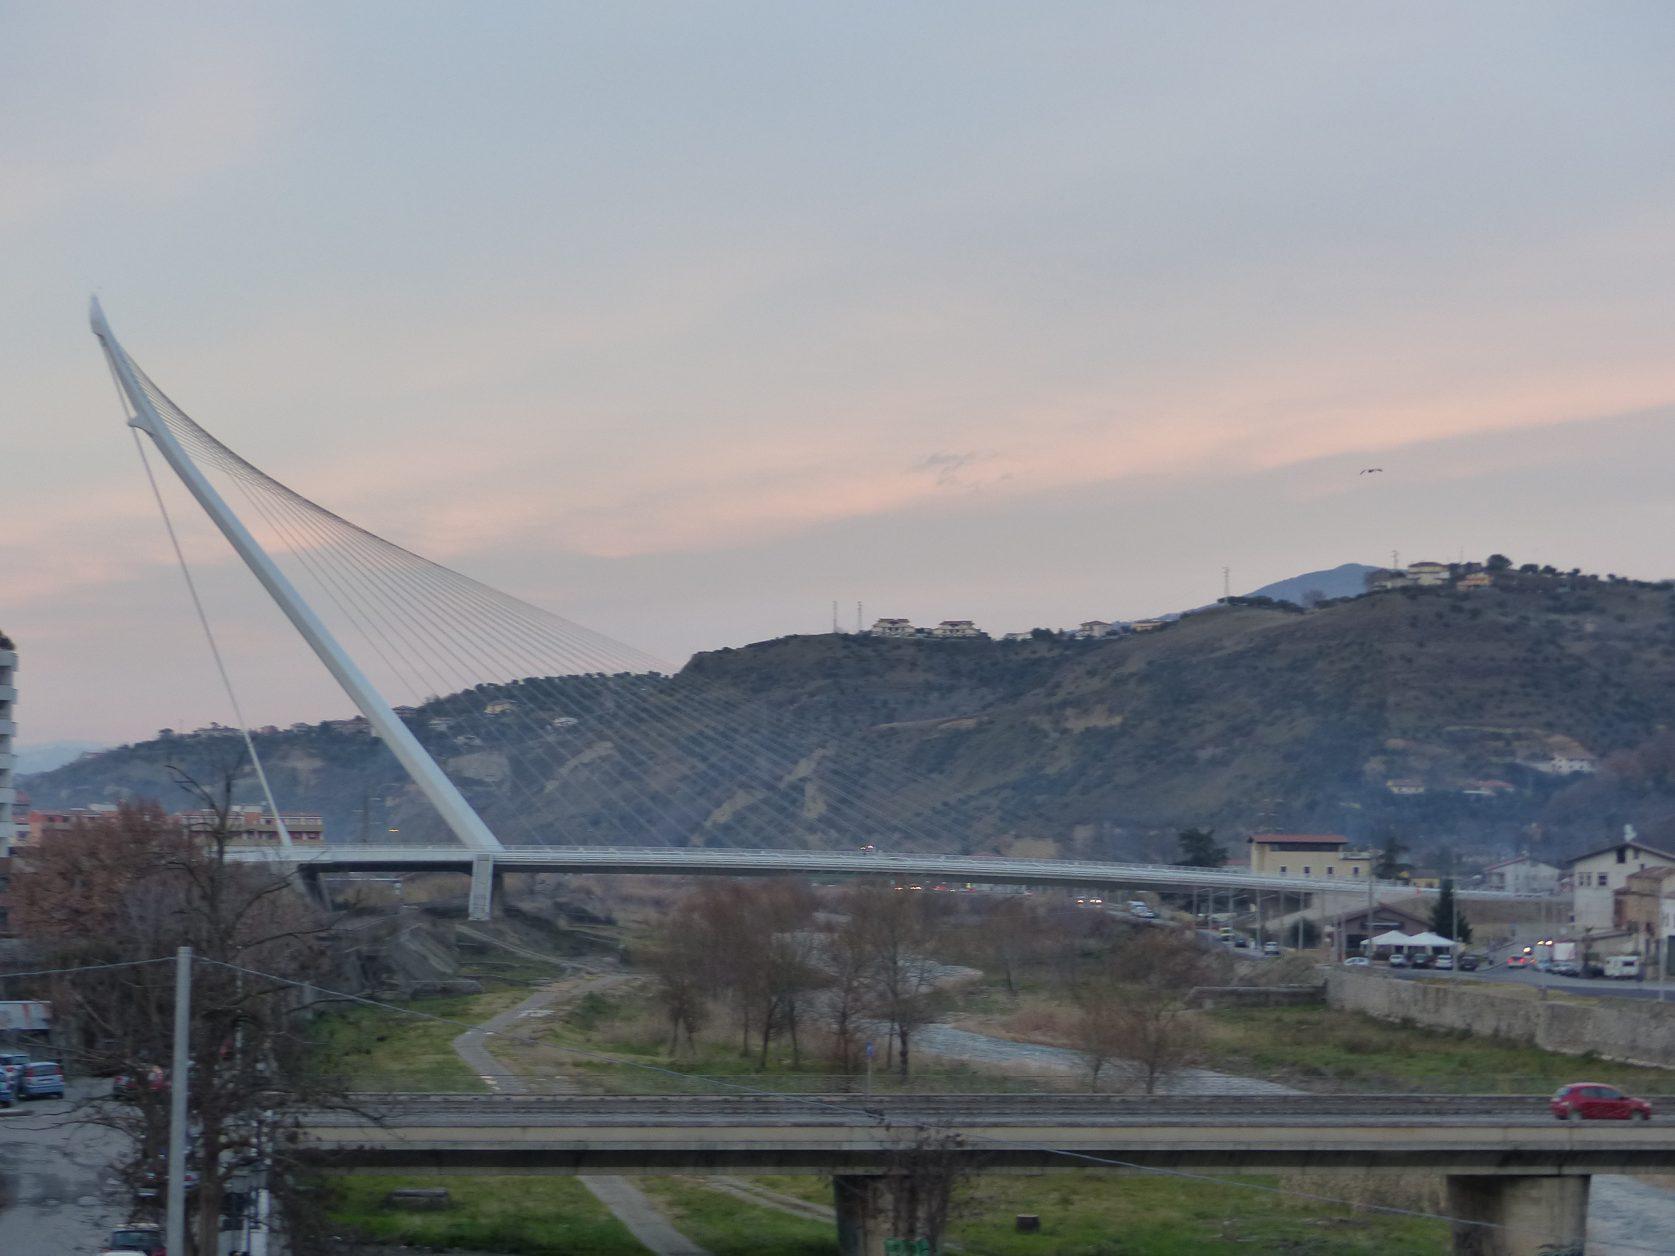 Cosenza liegt am Zusammenfluss von Crati und Busento